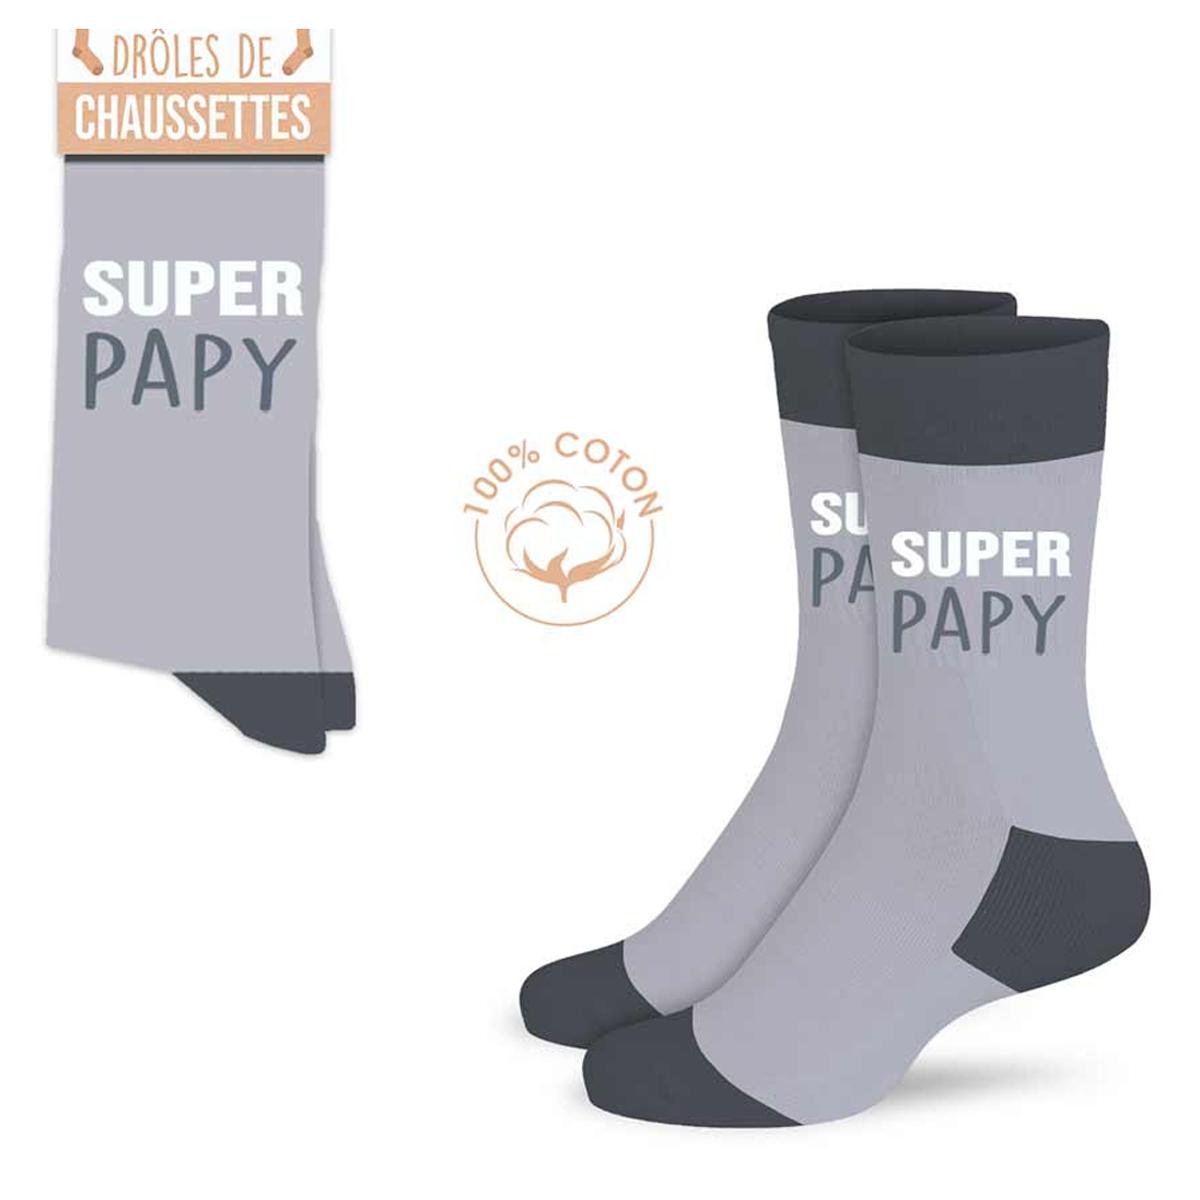 Chaussettes coton tendresse \'Super Papy\' gris - taille unique - [A0986]